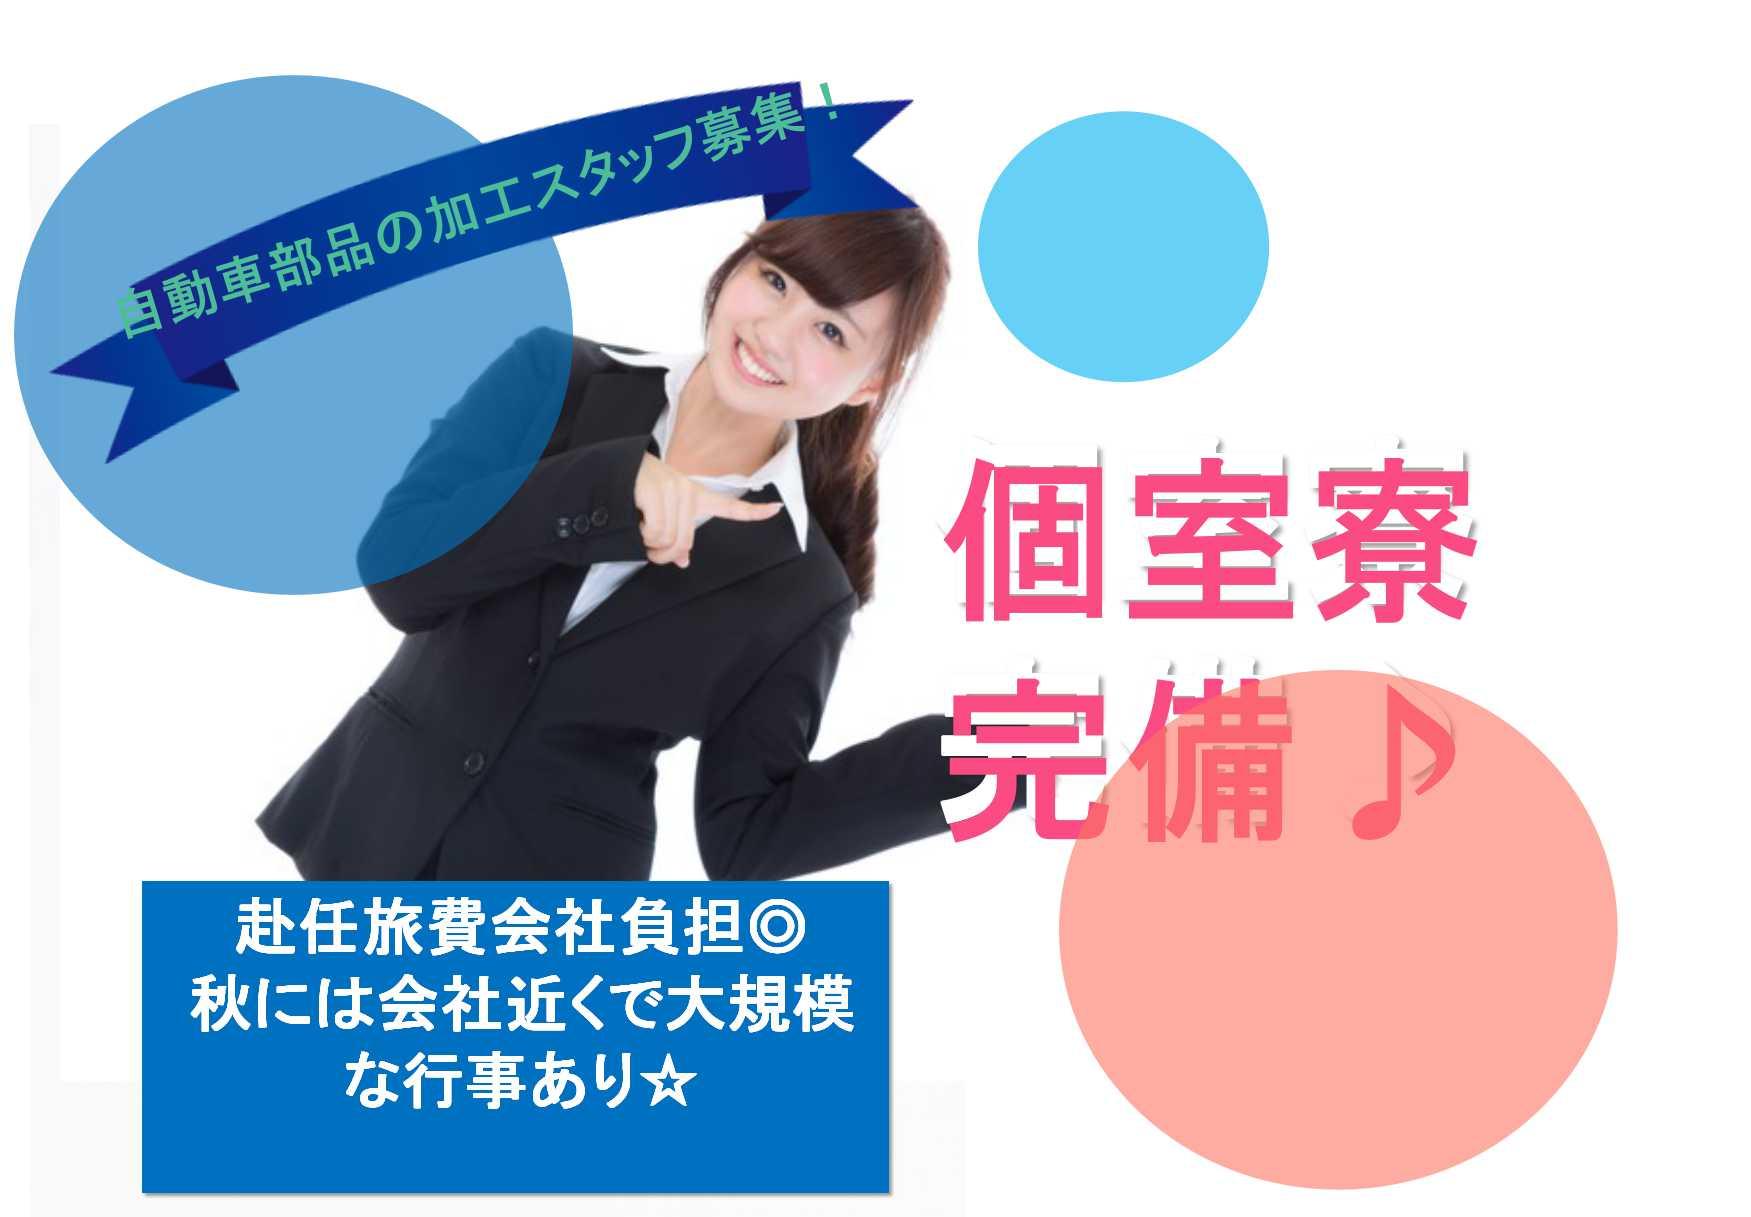 【茨城県土浦市】昇給制度あり!大手メーカー勤務♪自動車部品の加工【即面談可能】 イメージ